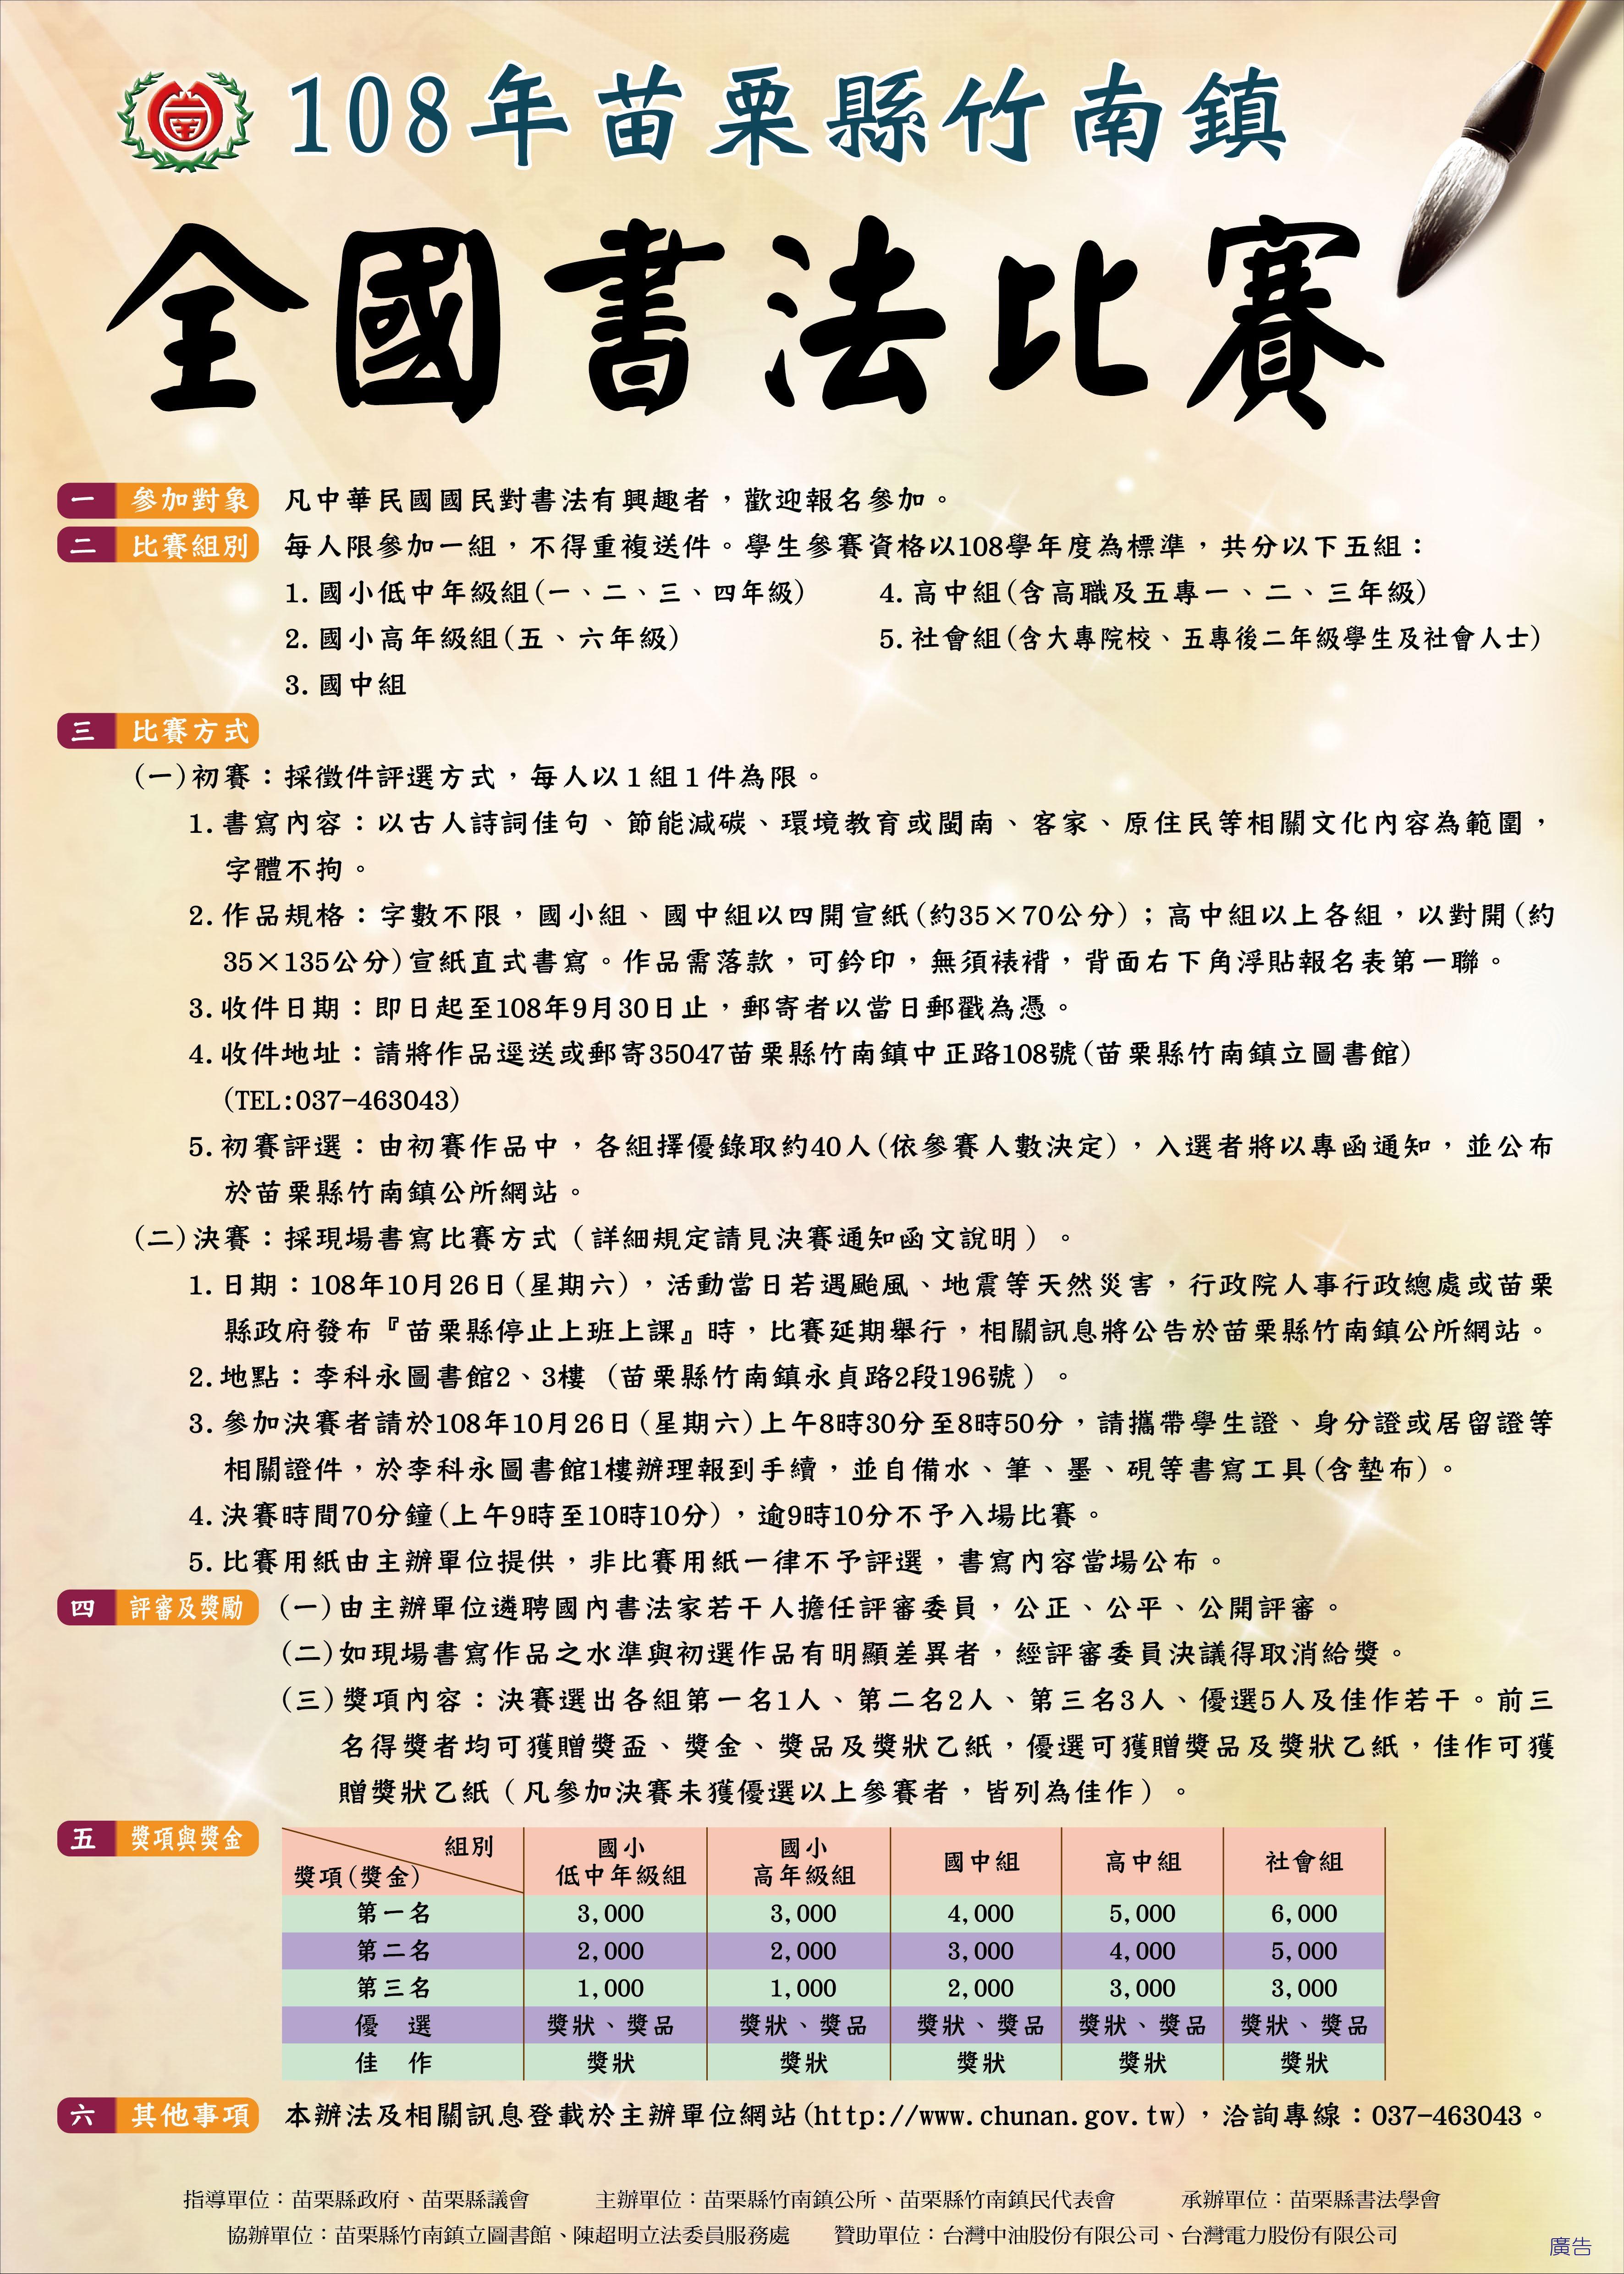 「108年苗栗縣竹南鎮全國書法比賽」海報